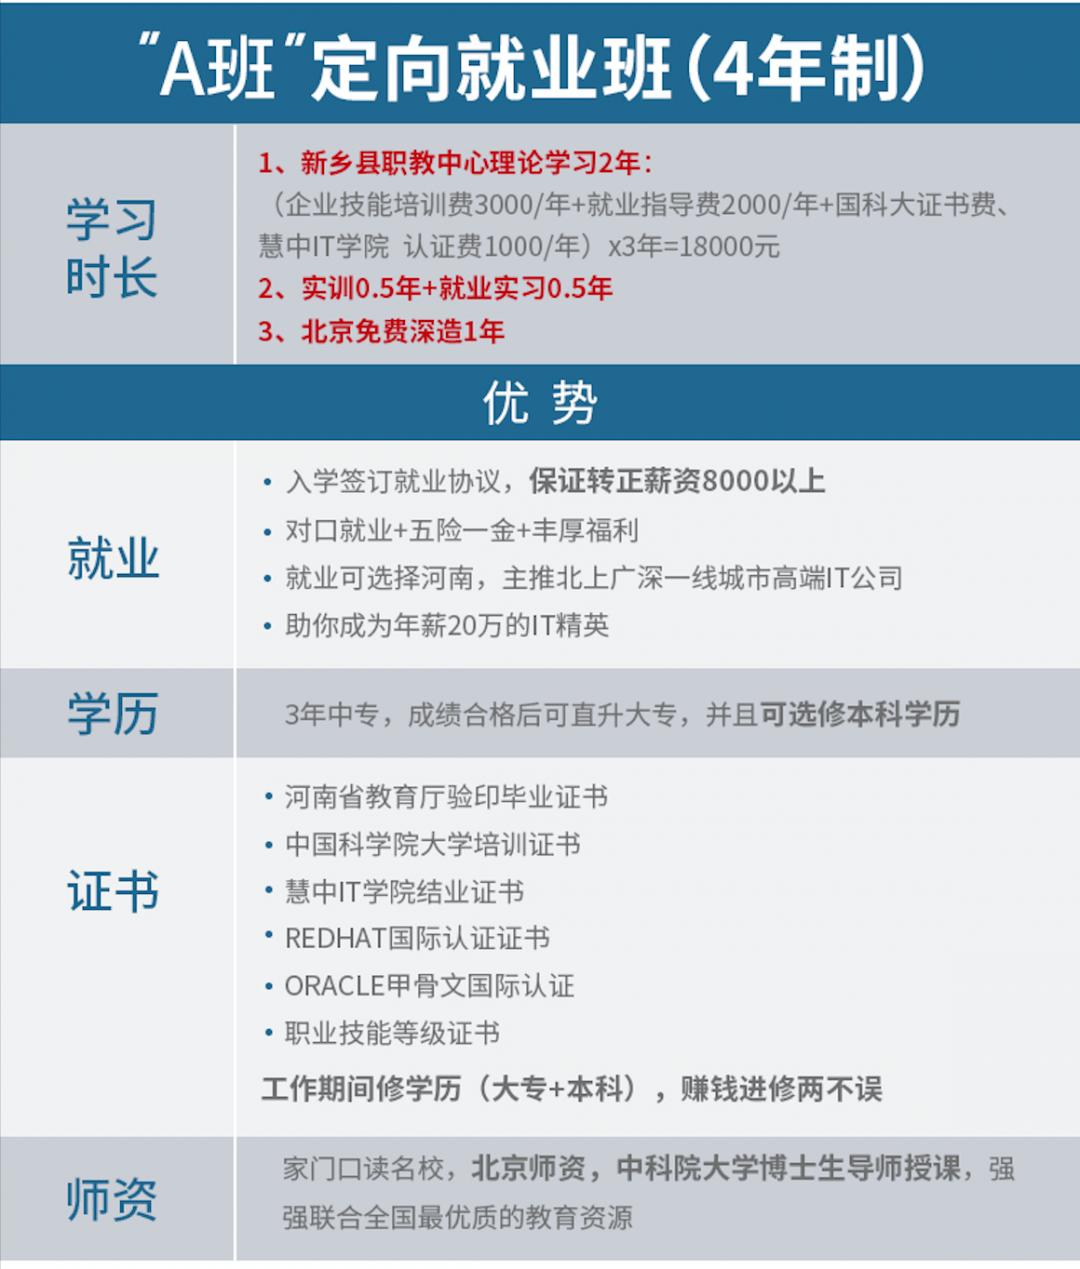 河南就业网 大学生就业补贴怎么申请